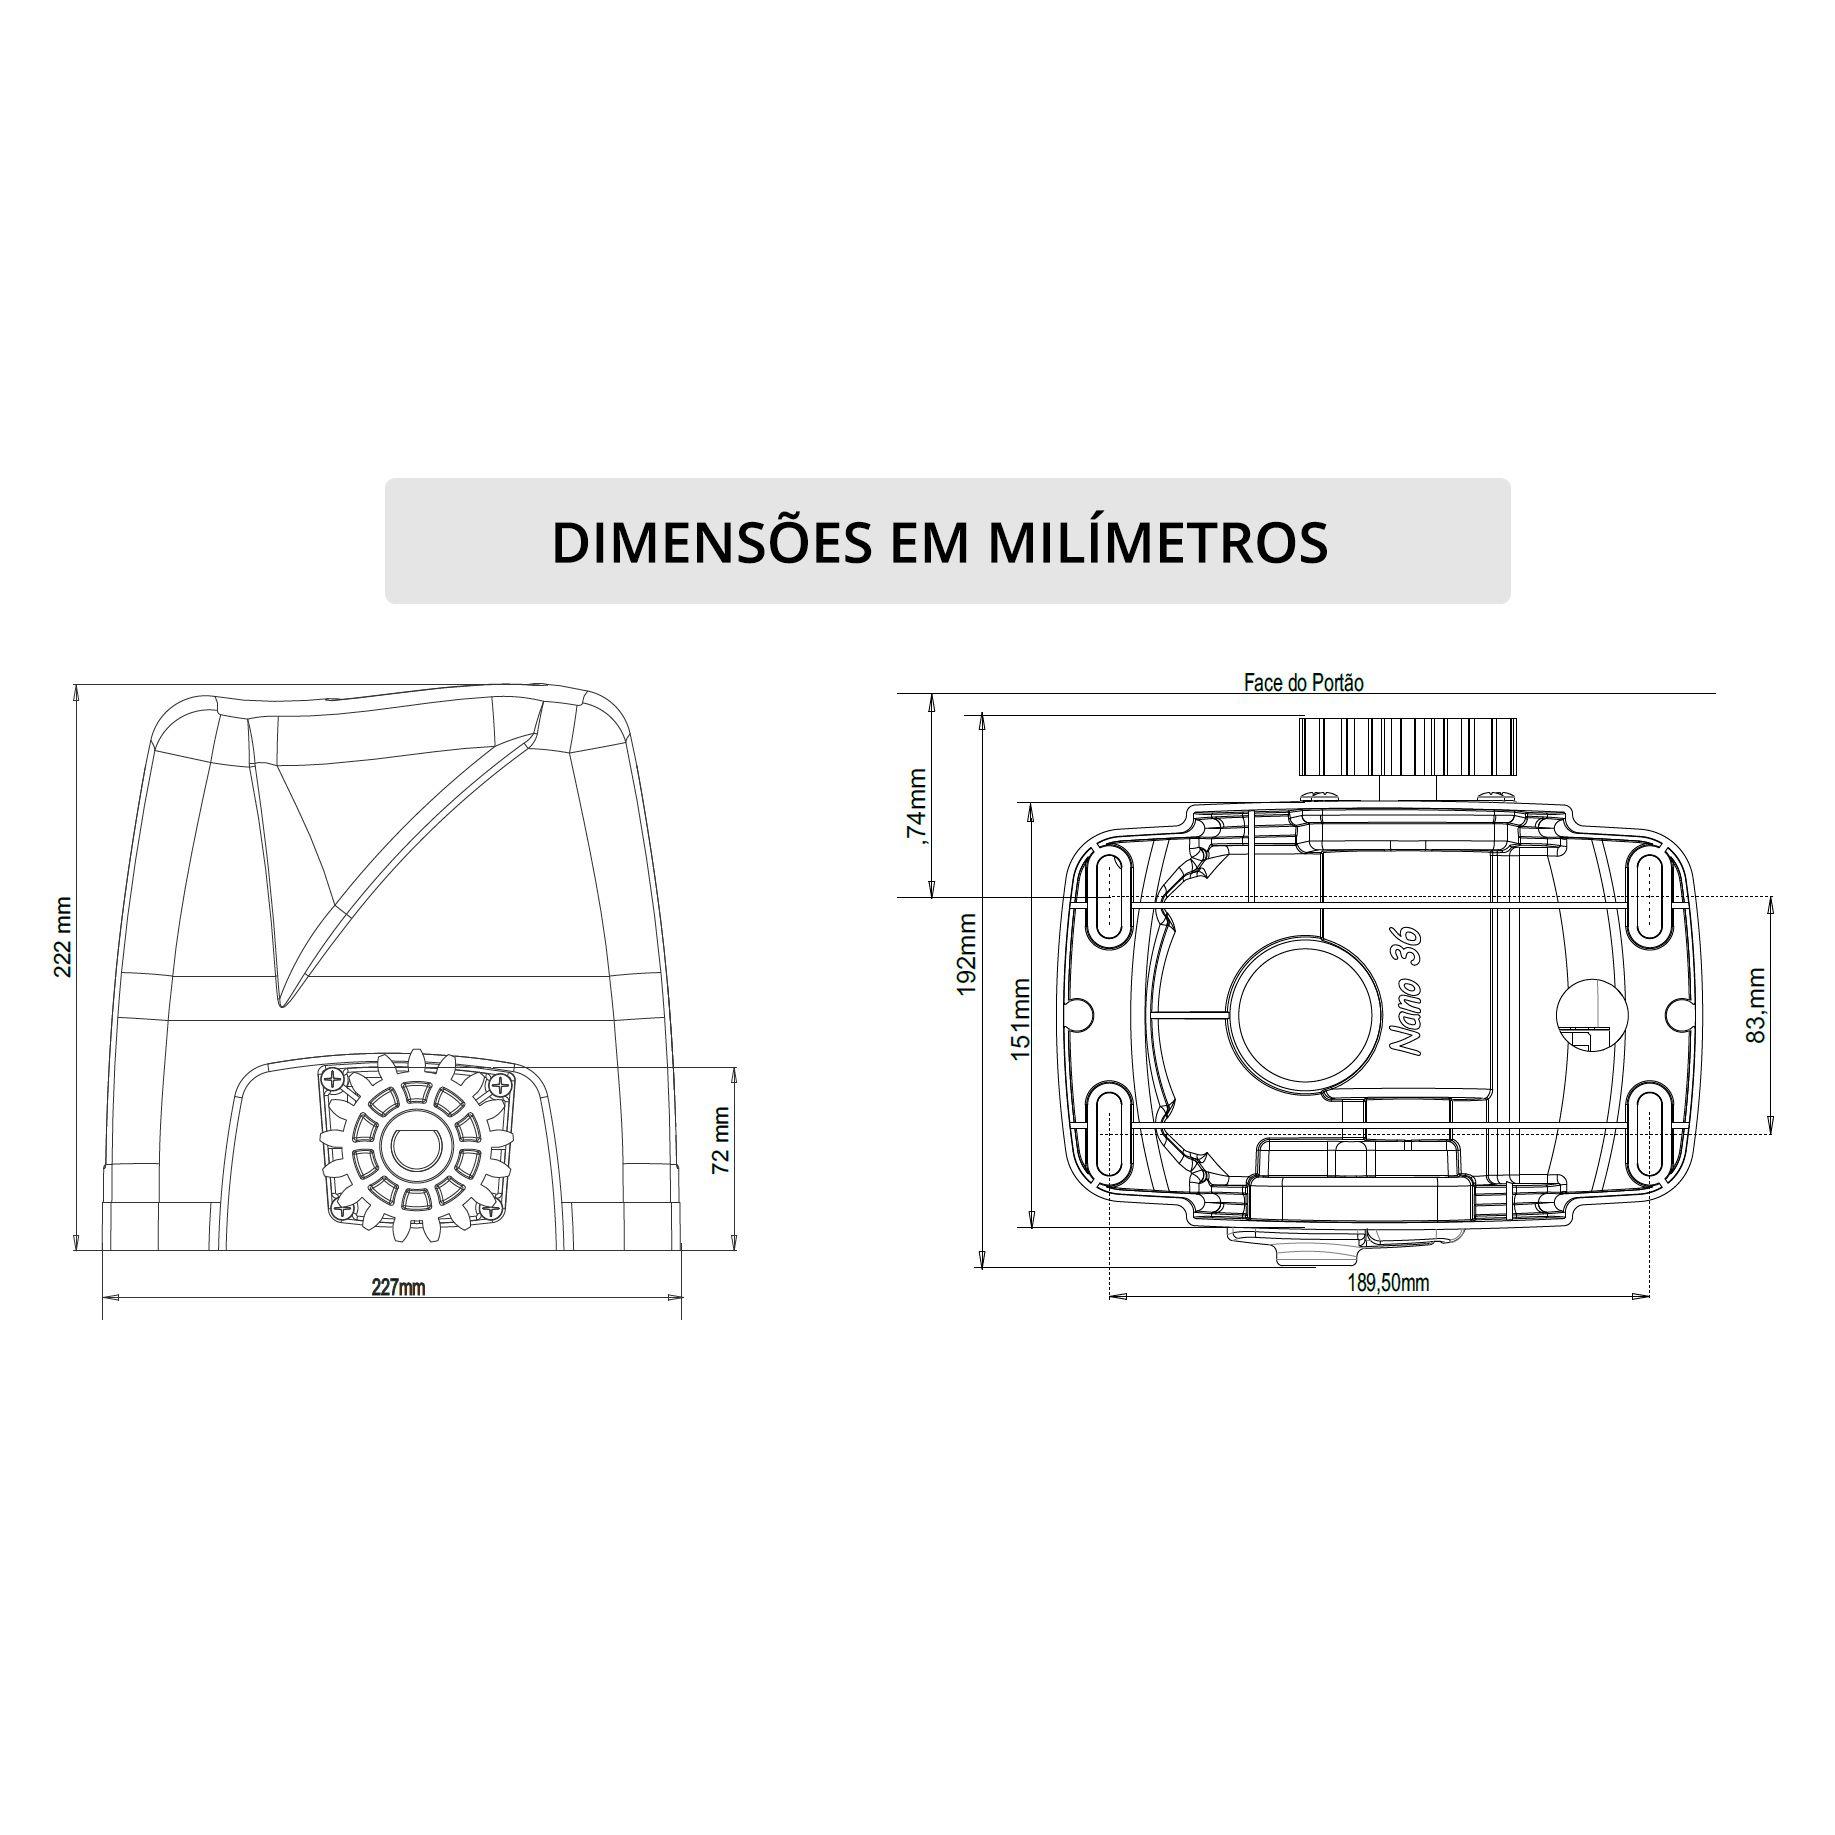 Motor Portão Rossi DZ Nano Turbo 600Kg 1/4 Deslizante Automático de Correr Eletrônico Com Abertura Rápida  - Tudo Forte